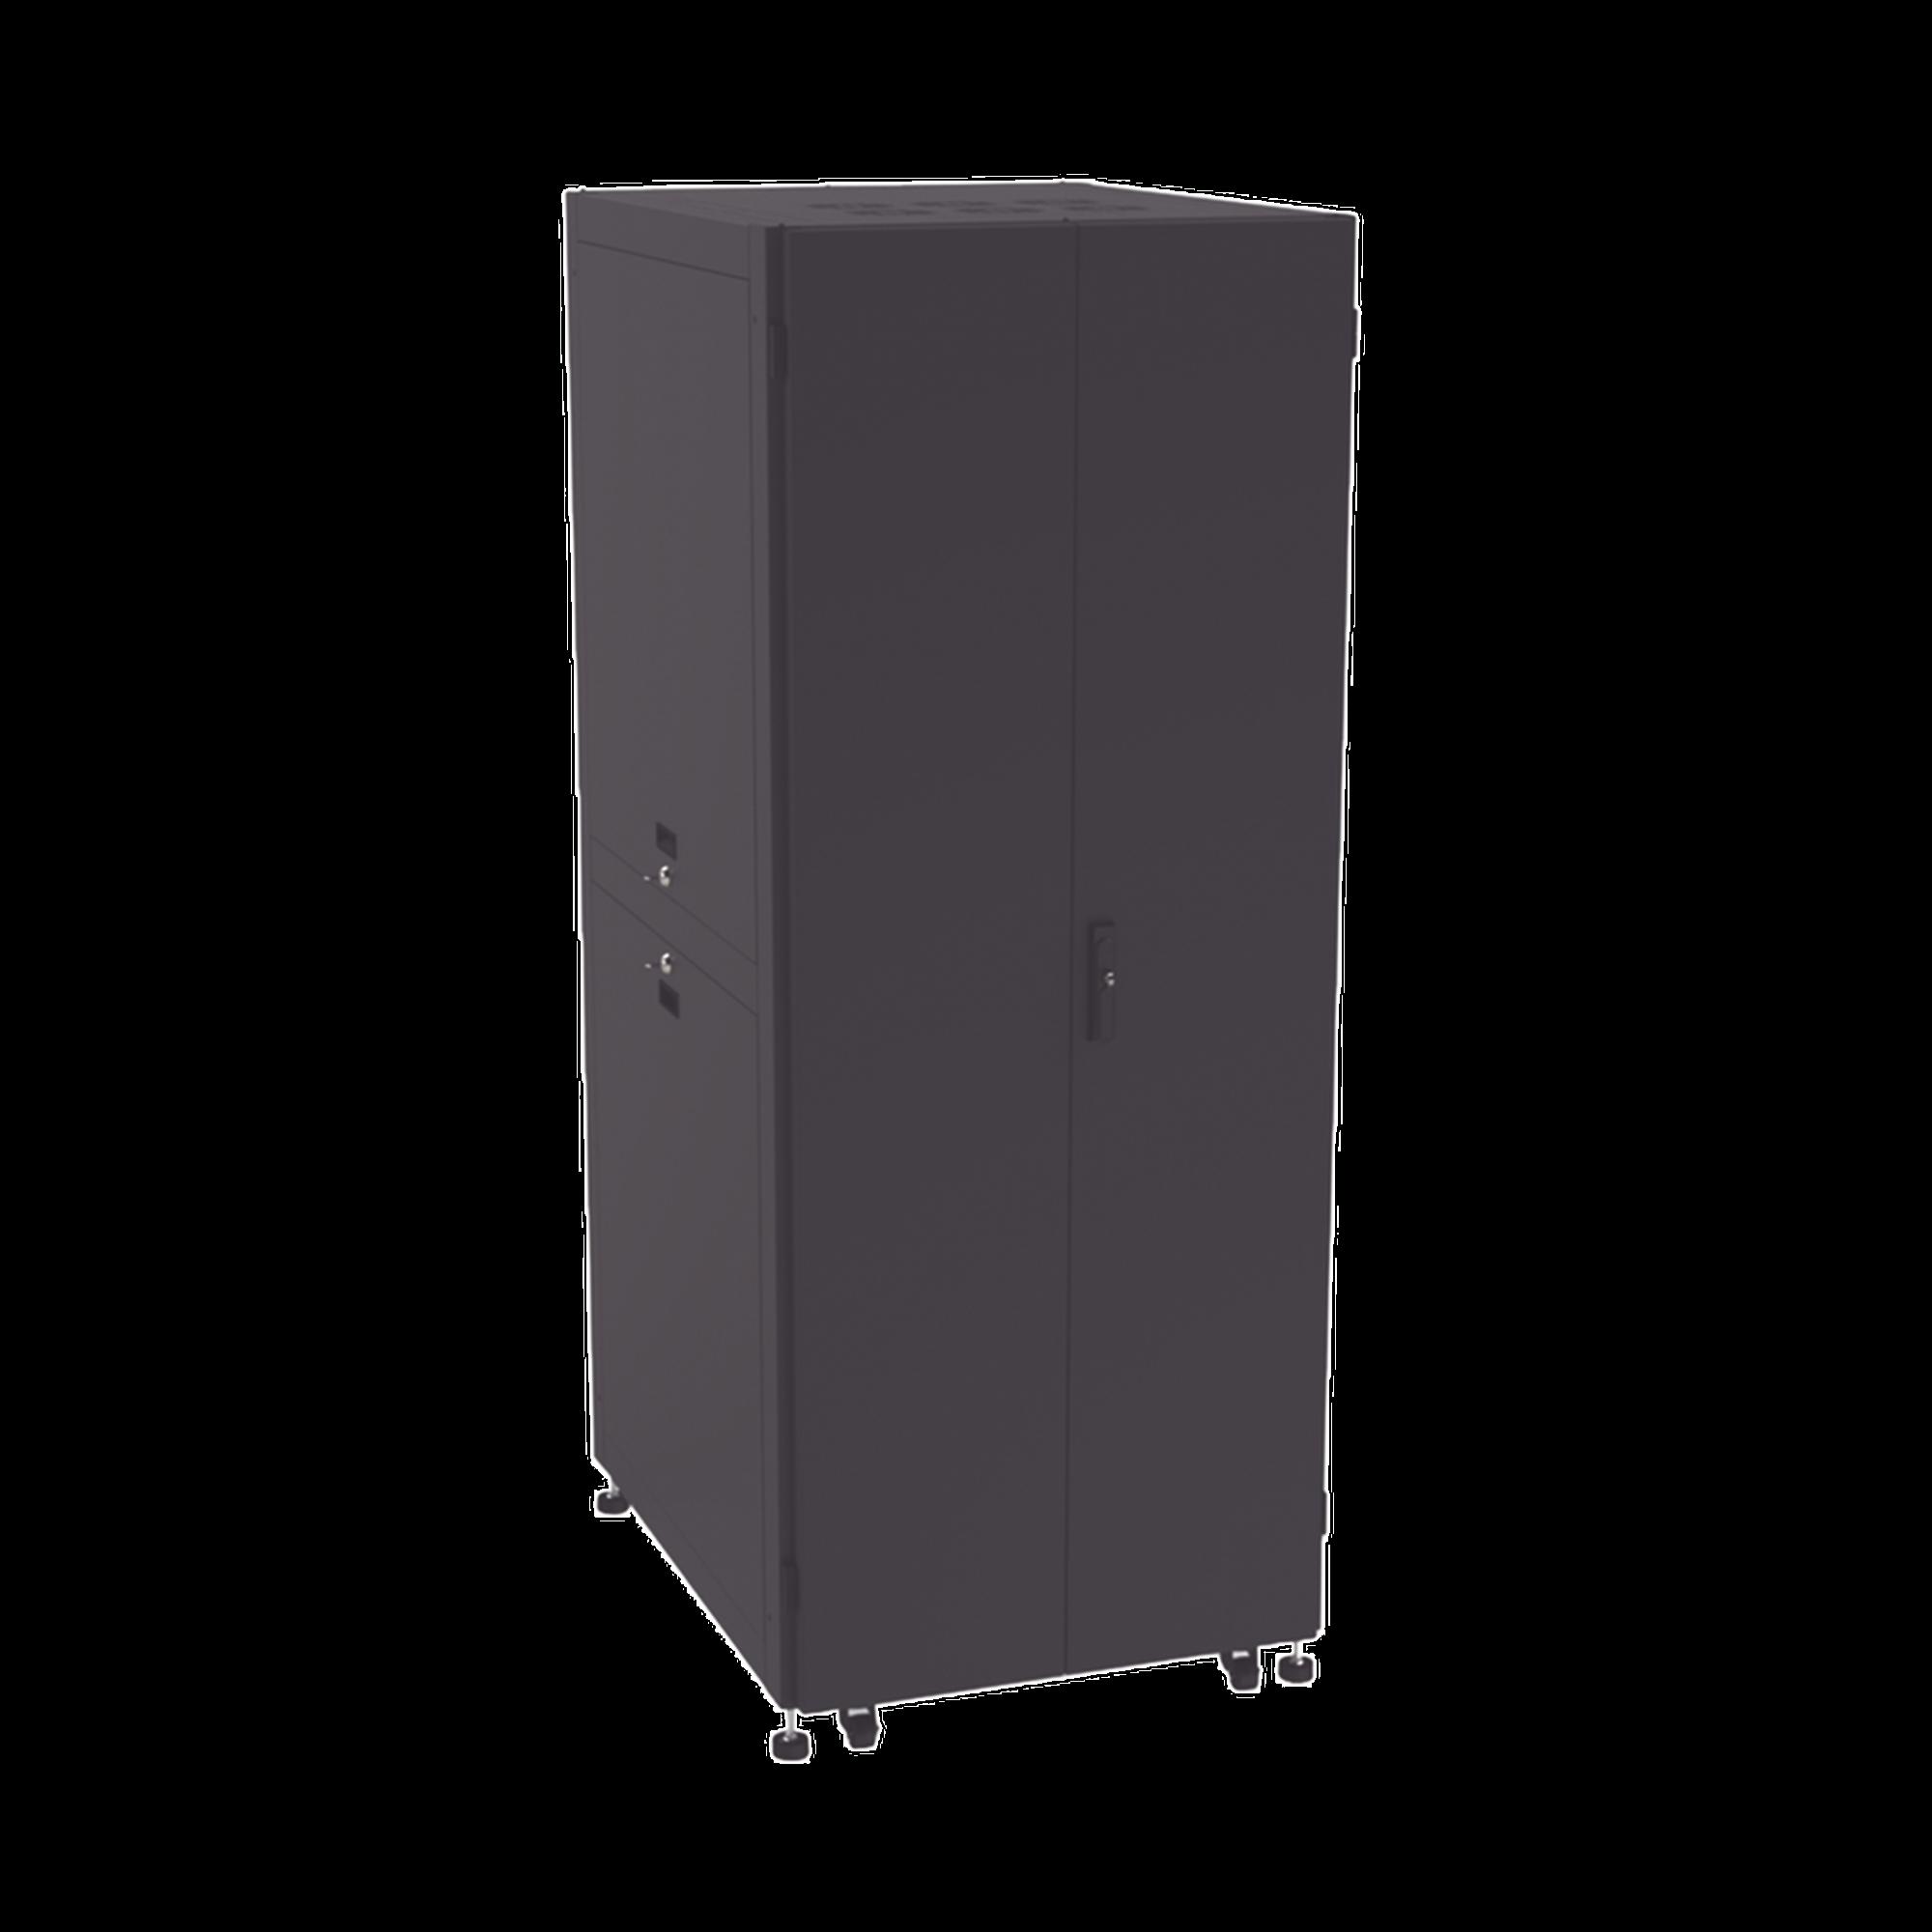 Gabinete Ancho para Telecomunicaciones de 45UR, 800 Ancho, 1000 mm Profundidad. Incluye Iluminación.